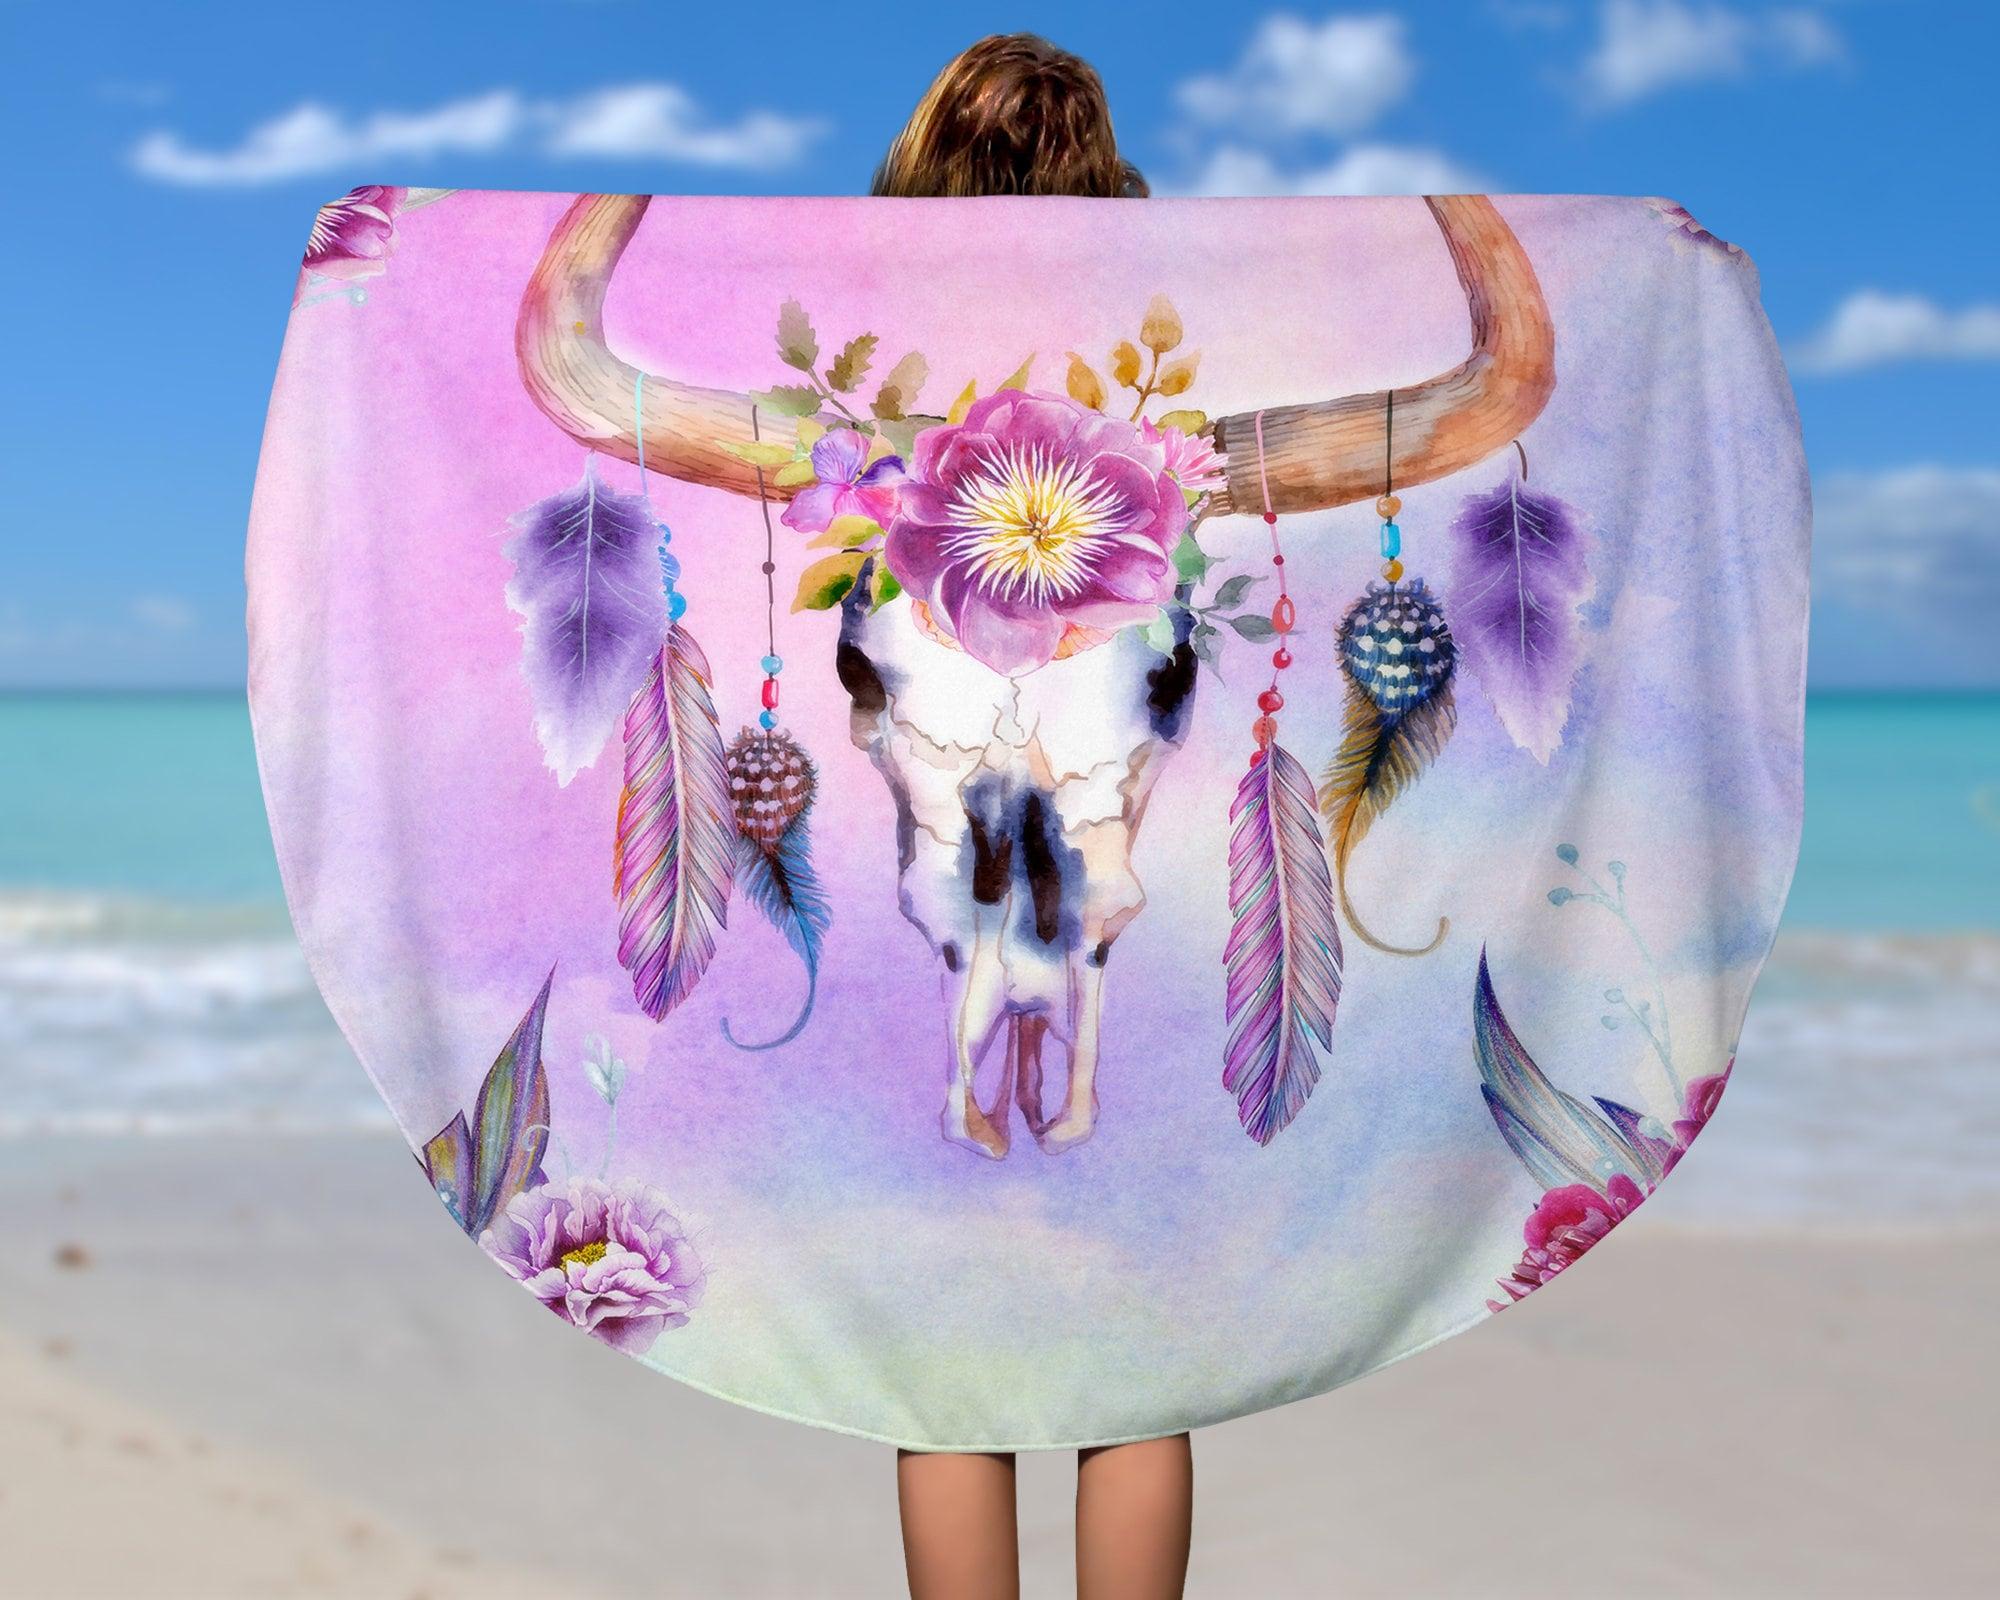 Round Beach Towel, Boho Chic ,Bull Skull, Dream Catcher ...